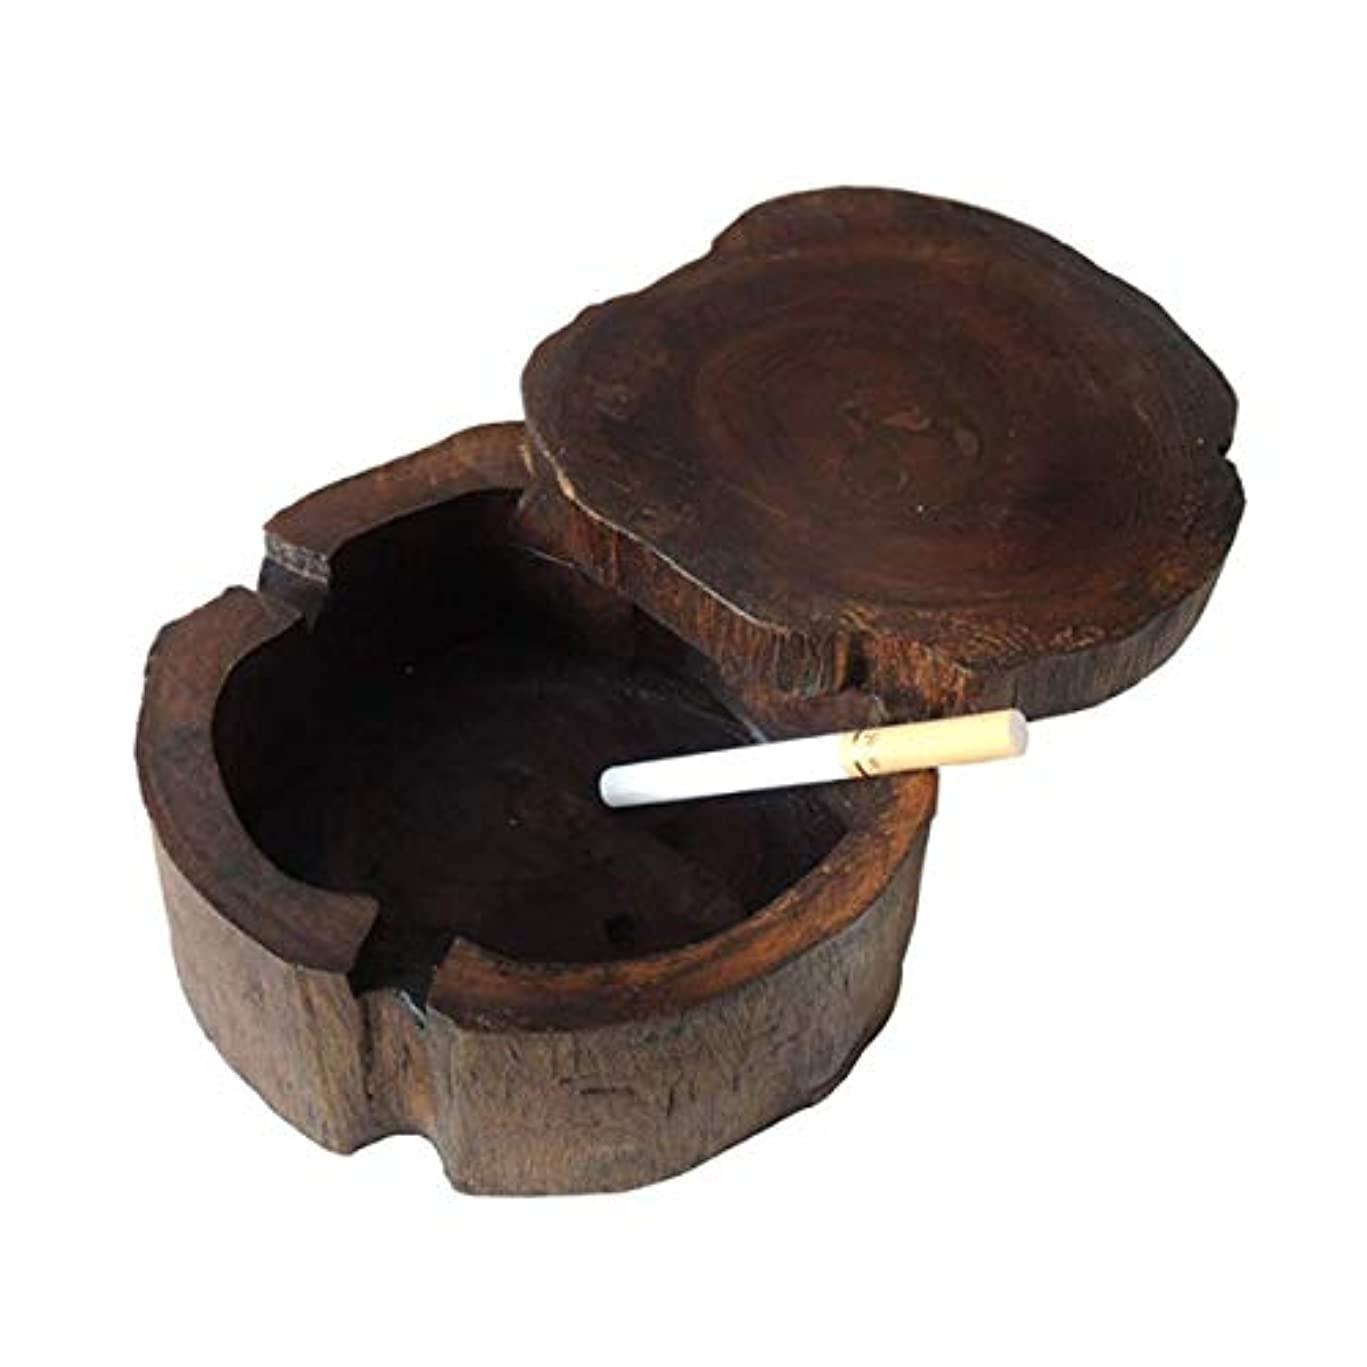 印象的な活発瞑想する木製タバコの灰皿、Winproofふたで手作りのヴィンテージオリジナルアンティークの木製タバコ灰皿、屋内ホームバー、小型のための灰皿